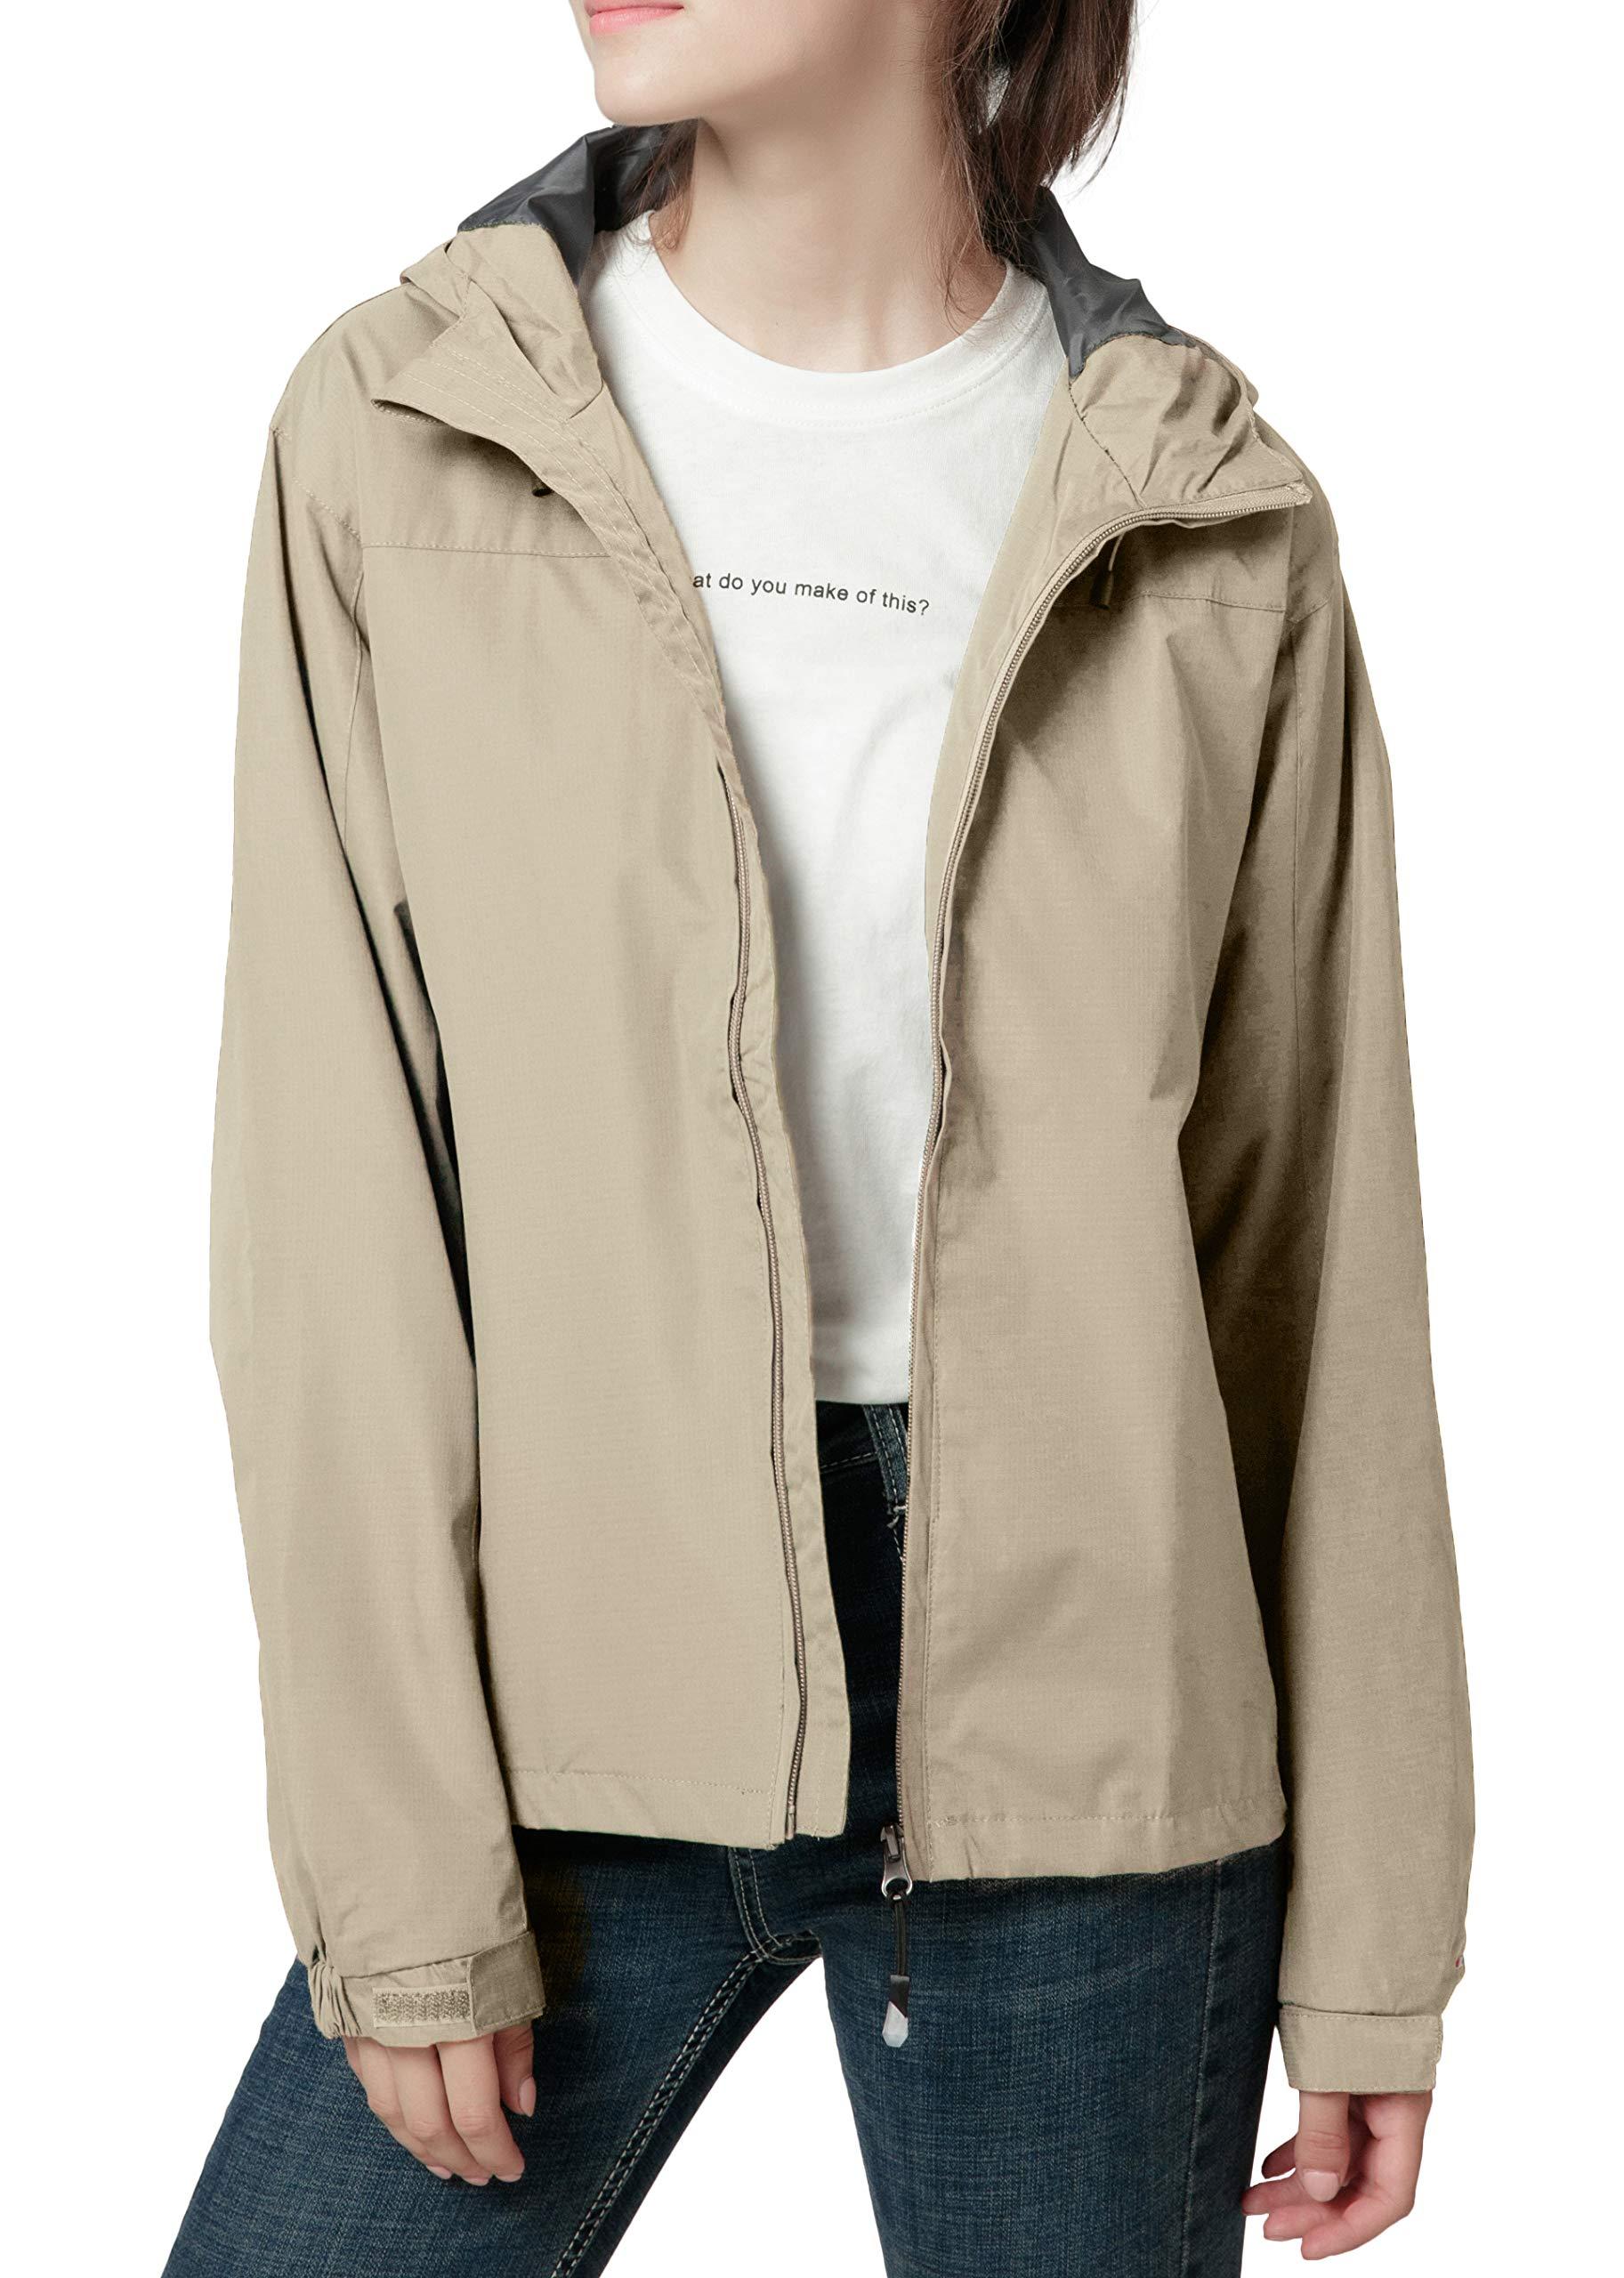 Spmor Women's Waterproof Lightweight Jacket Rain Coat Windproof Skin Hooded Jacket